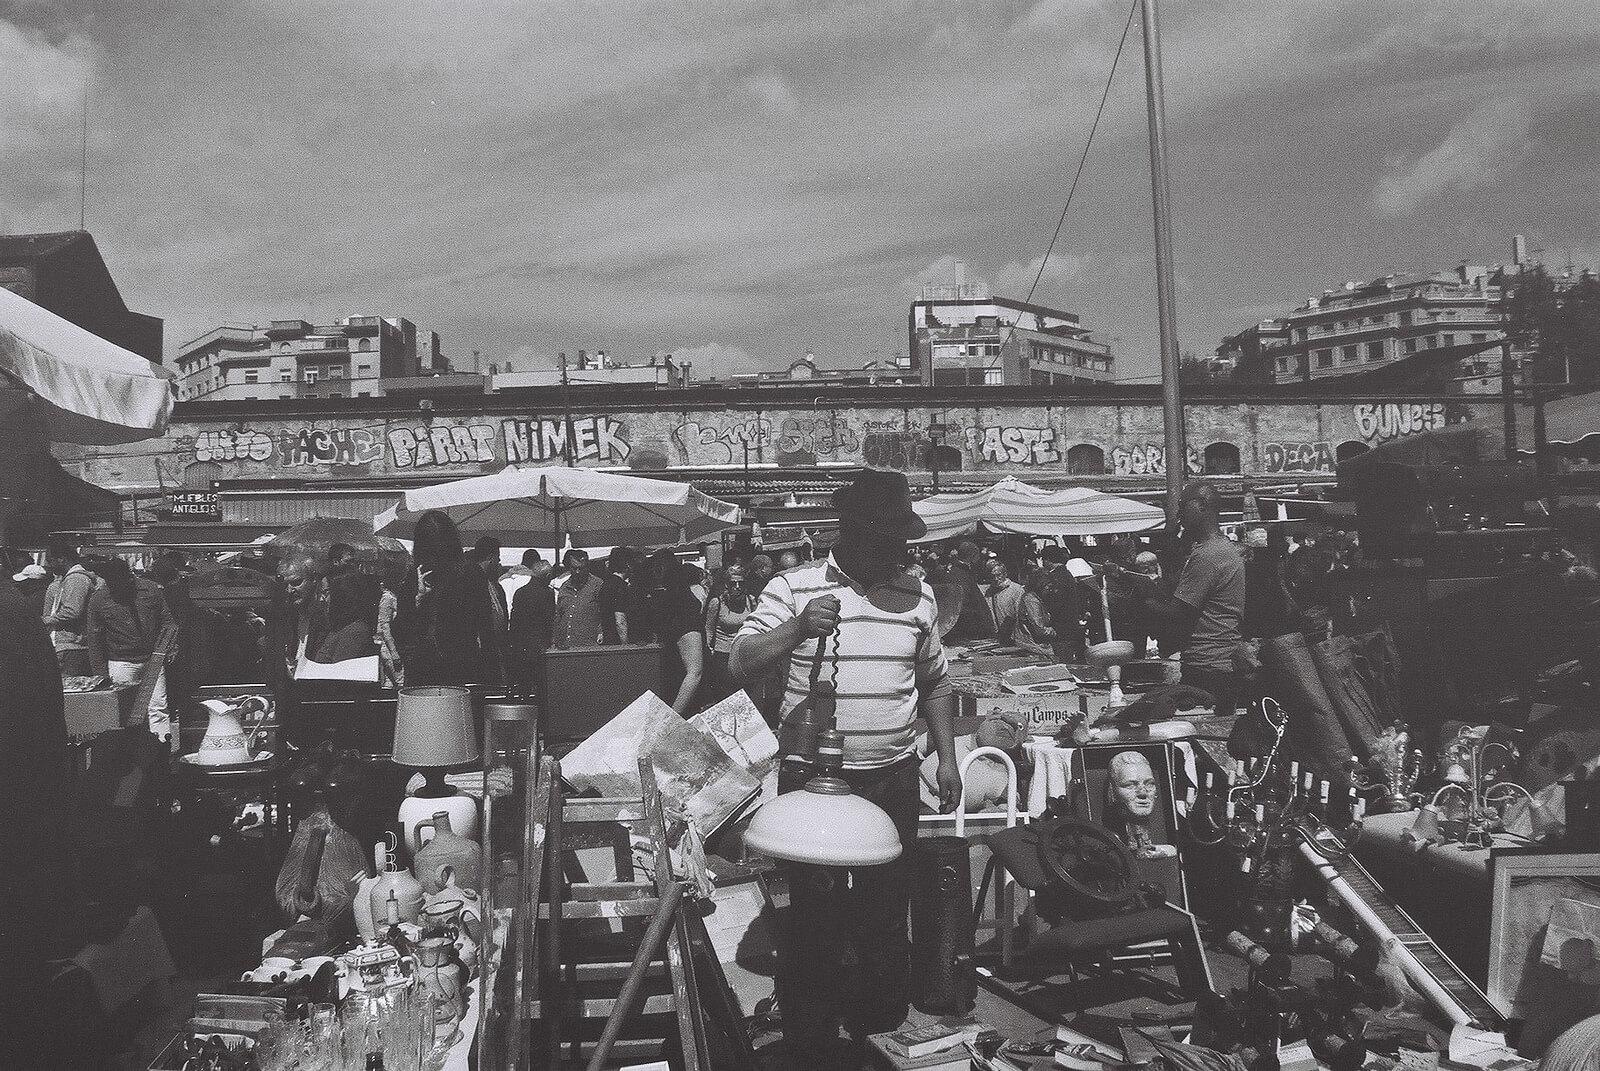 Barcelona Mercat del Encants Market